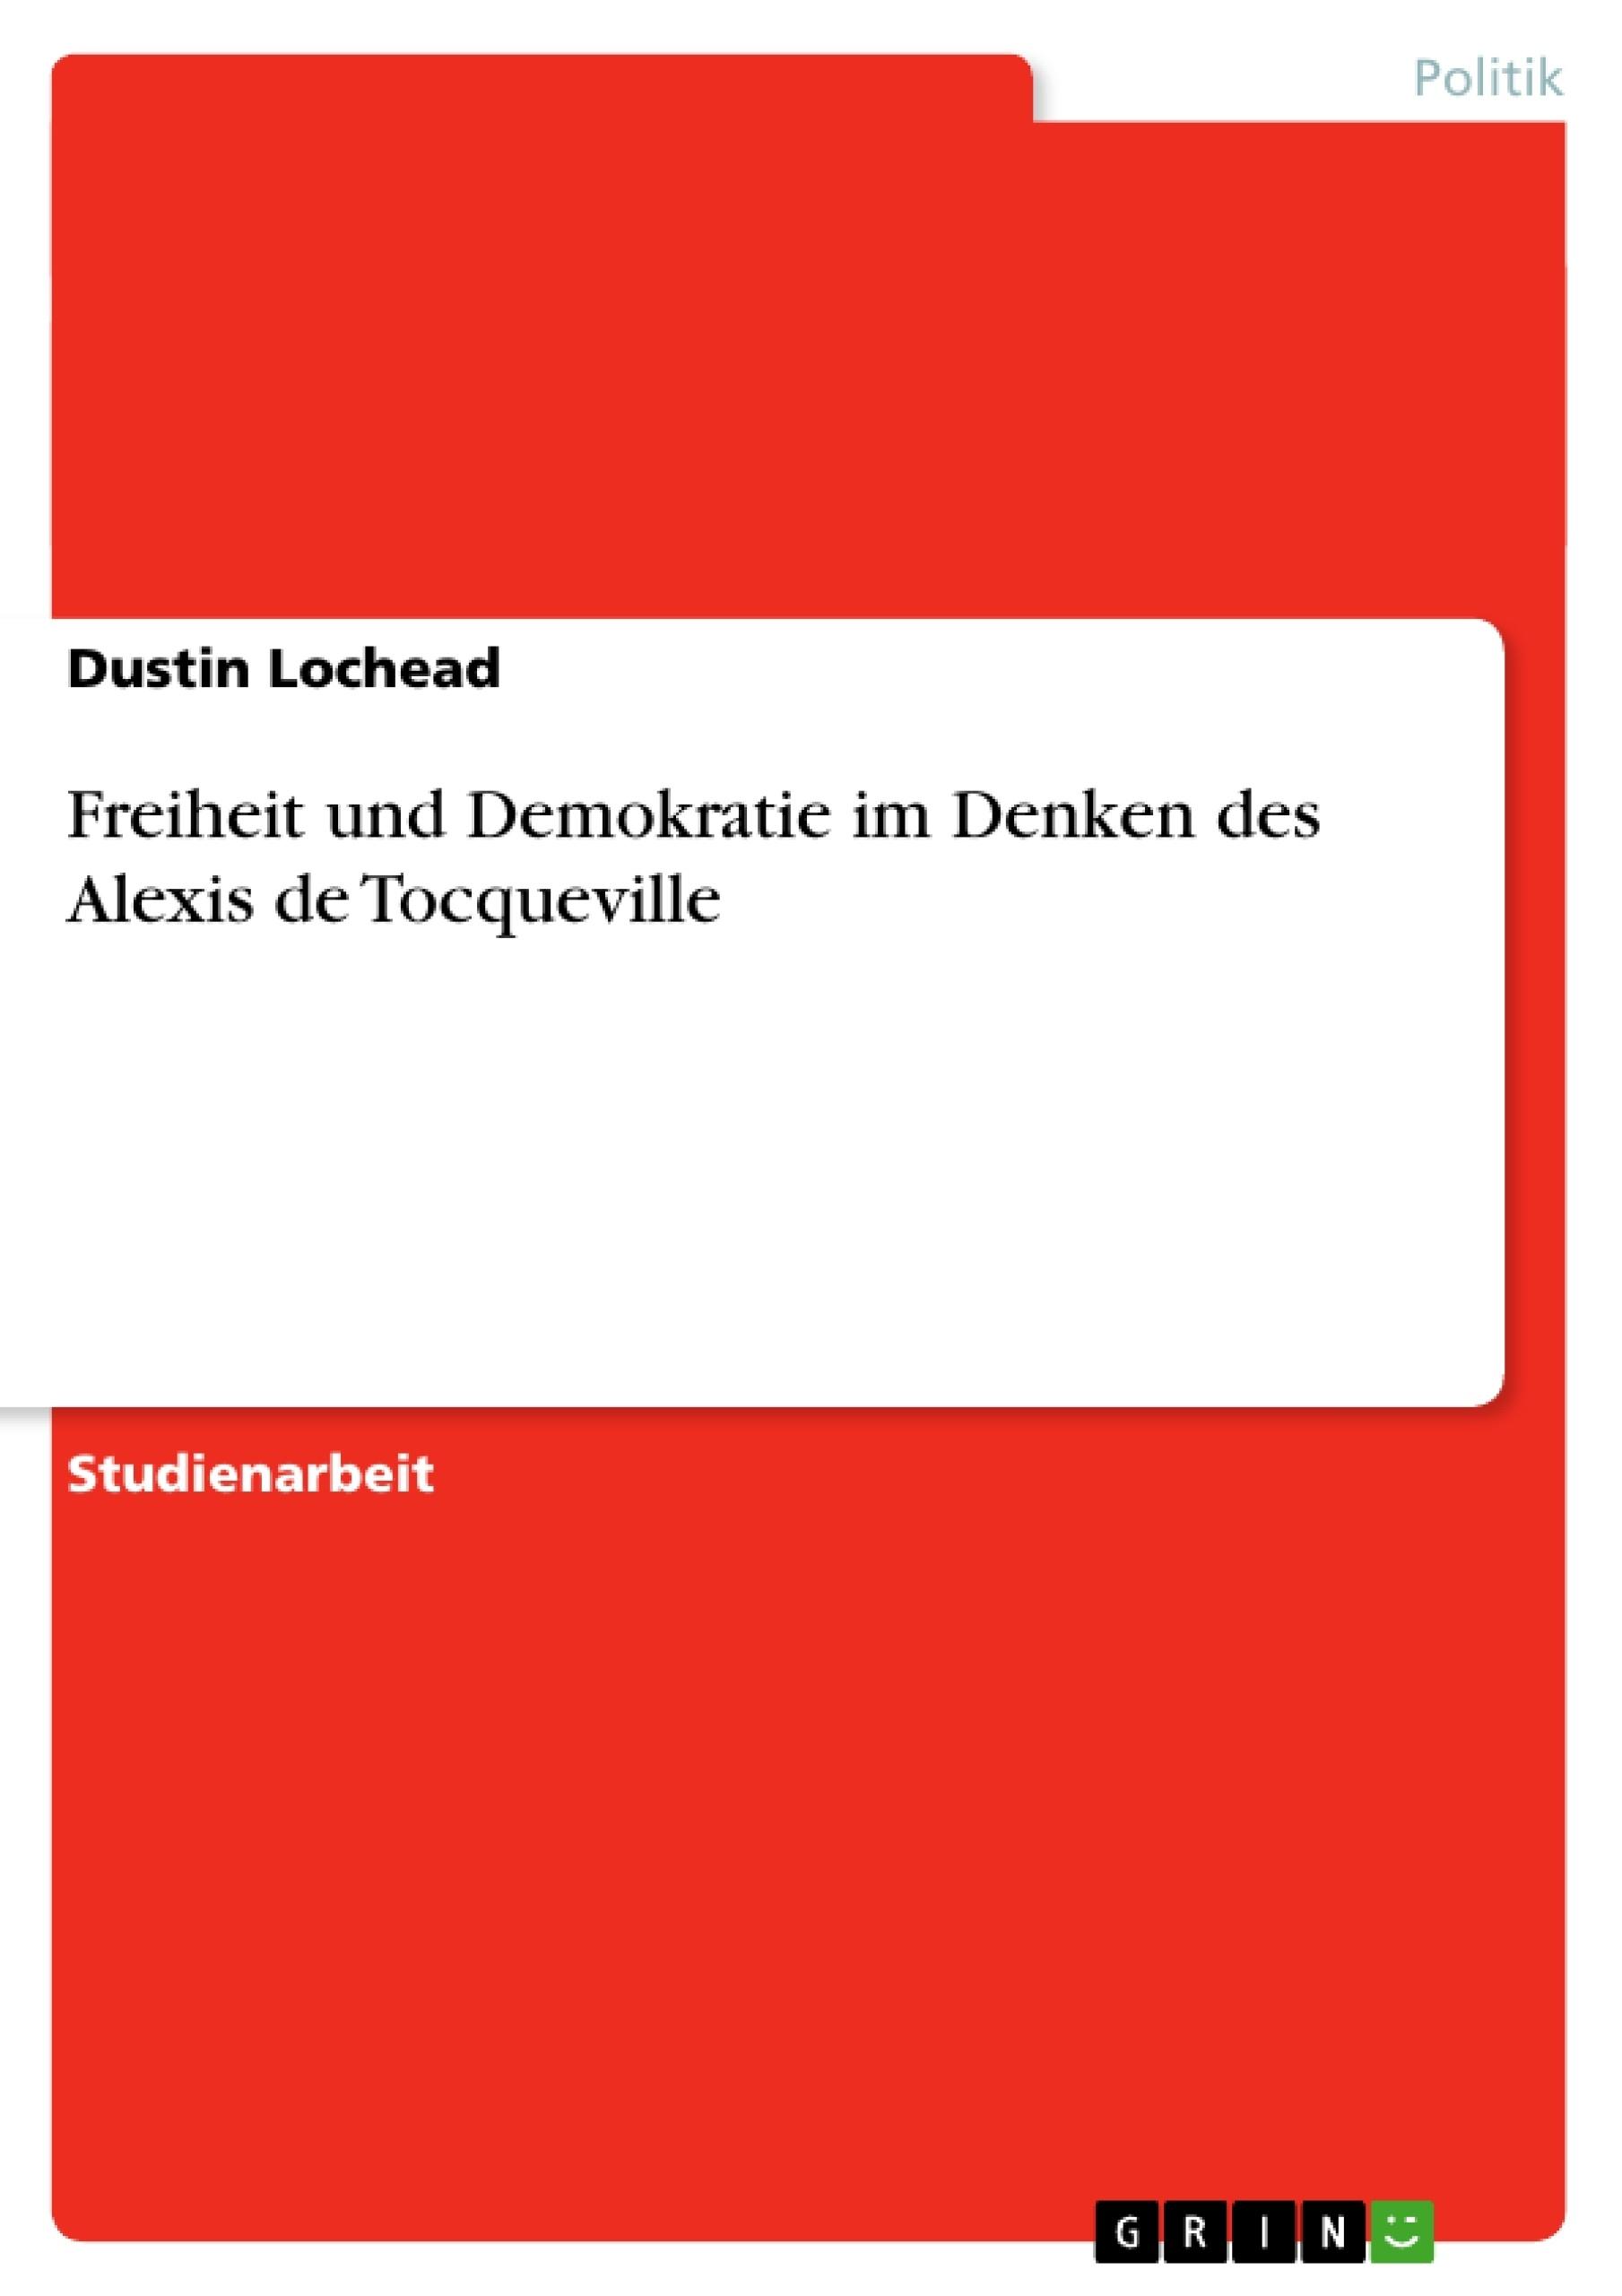 Titel: Freiheit und Demokratie im Denken des Alexis de Tocqueville